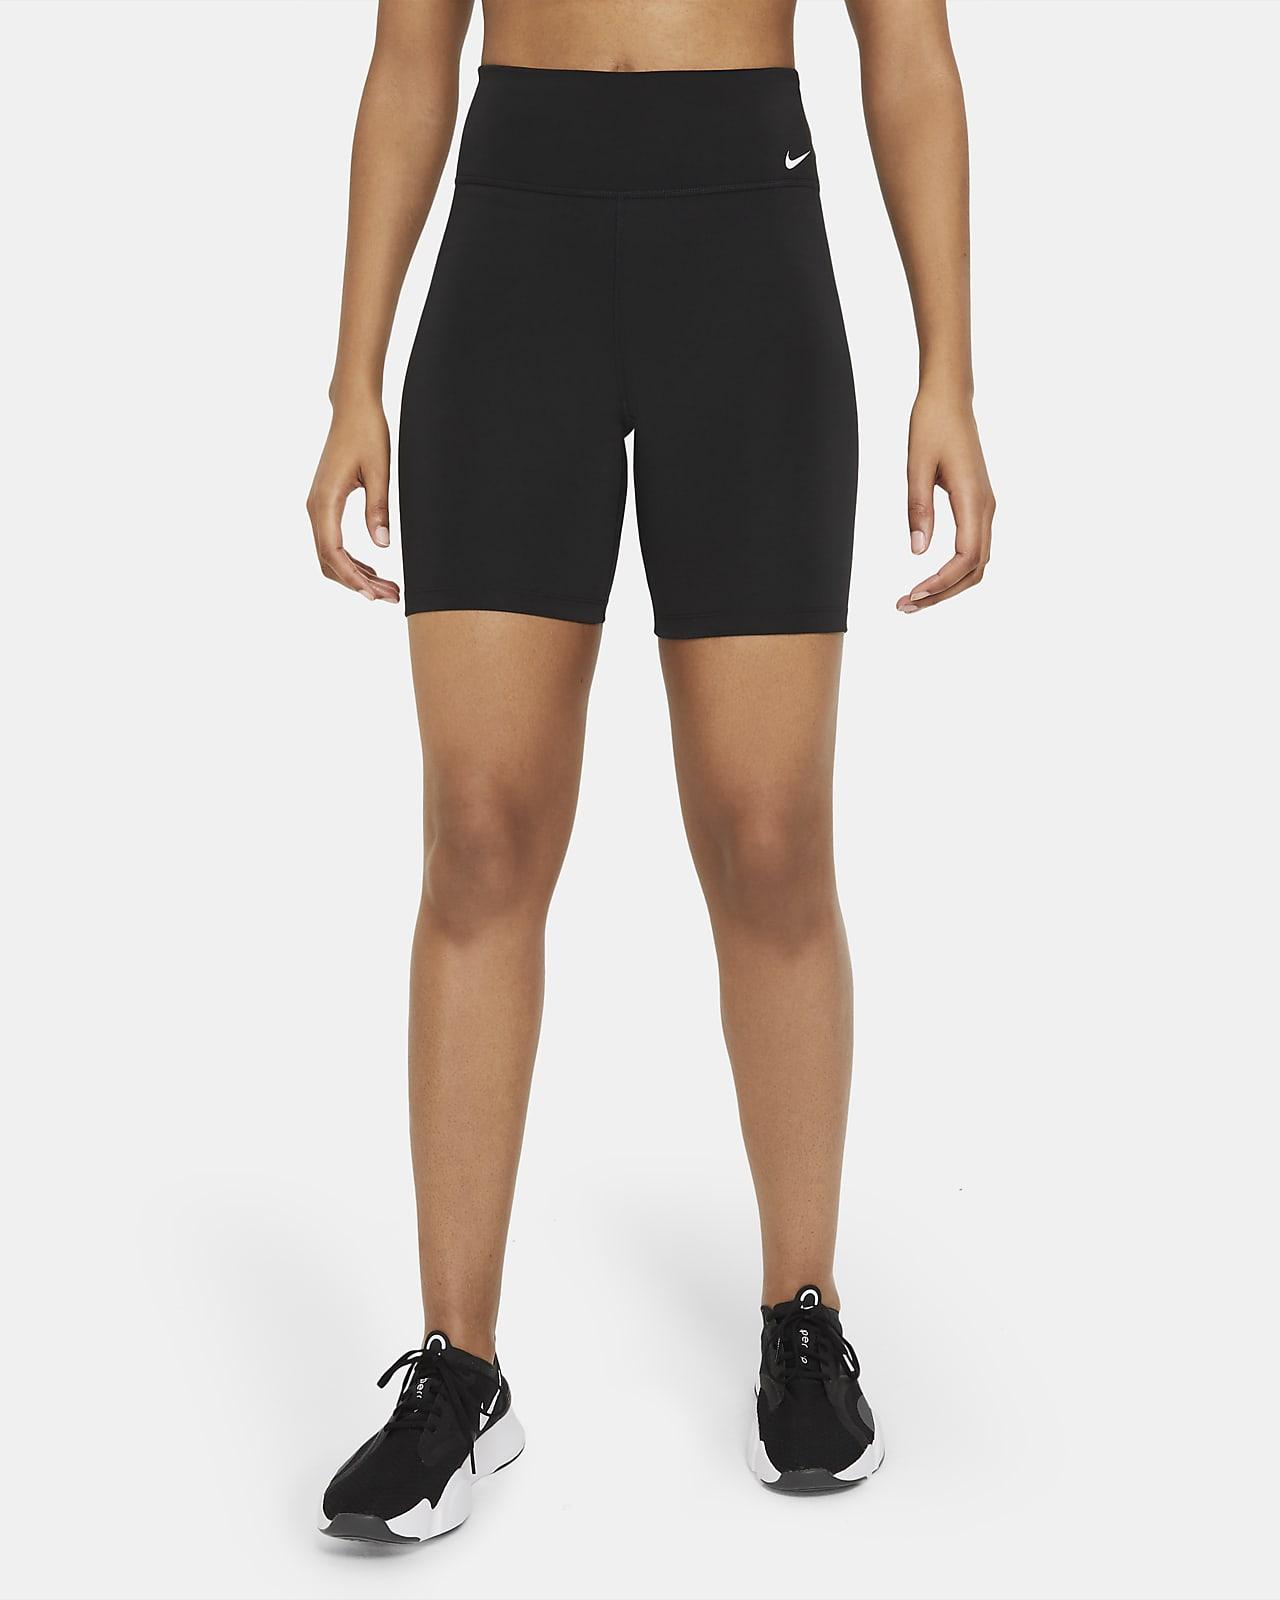 Nike One középmagas derekú, 18 cm-es női kerékpáros rövidnadrág